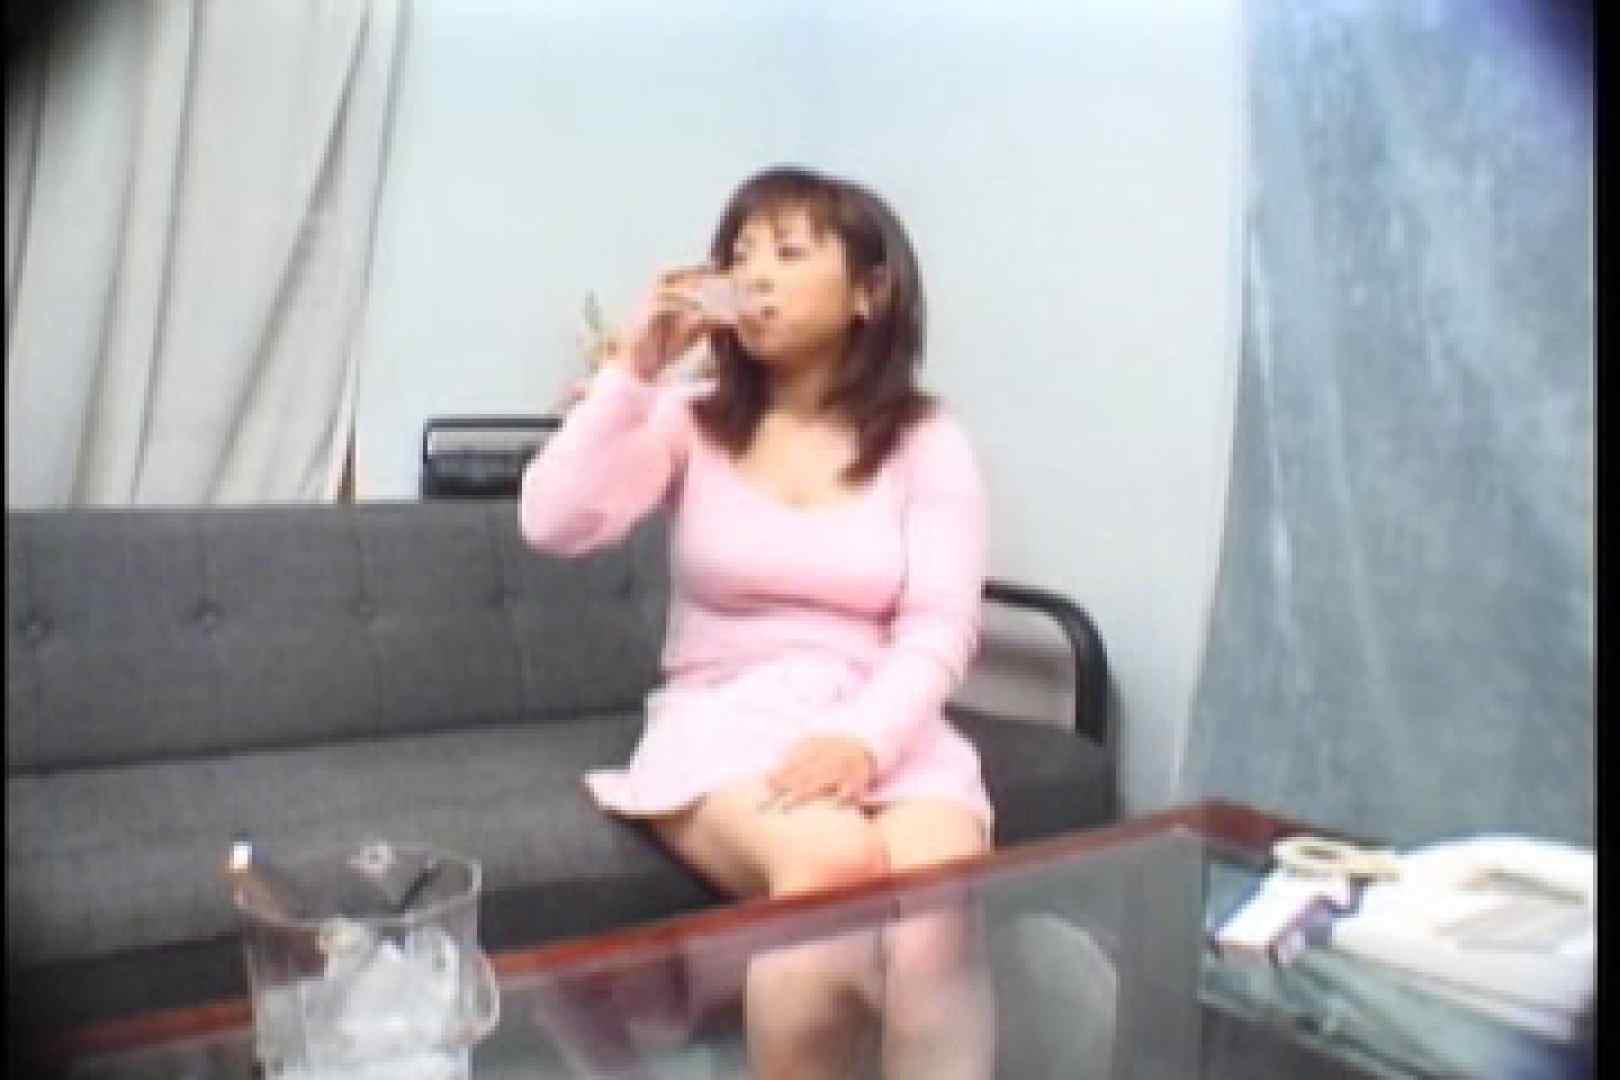 素人嬢126人のハメ撮り 山下まい 巨乳女子 | メーカー直接買い取り  98pic 55